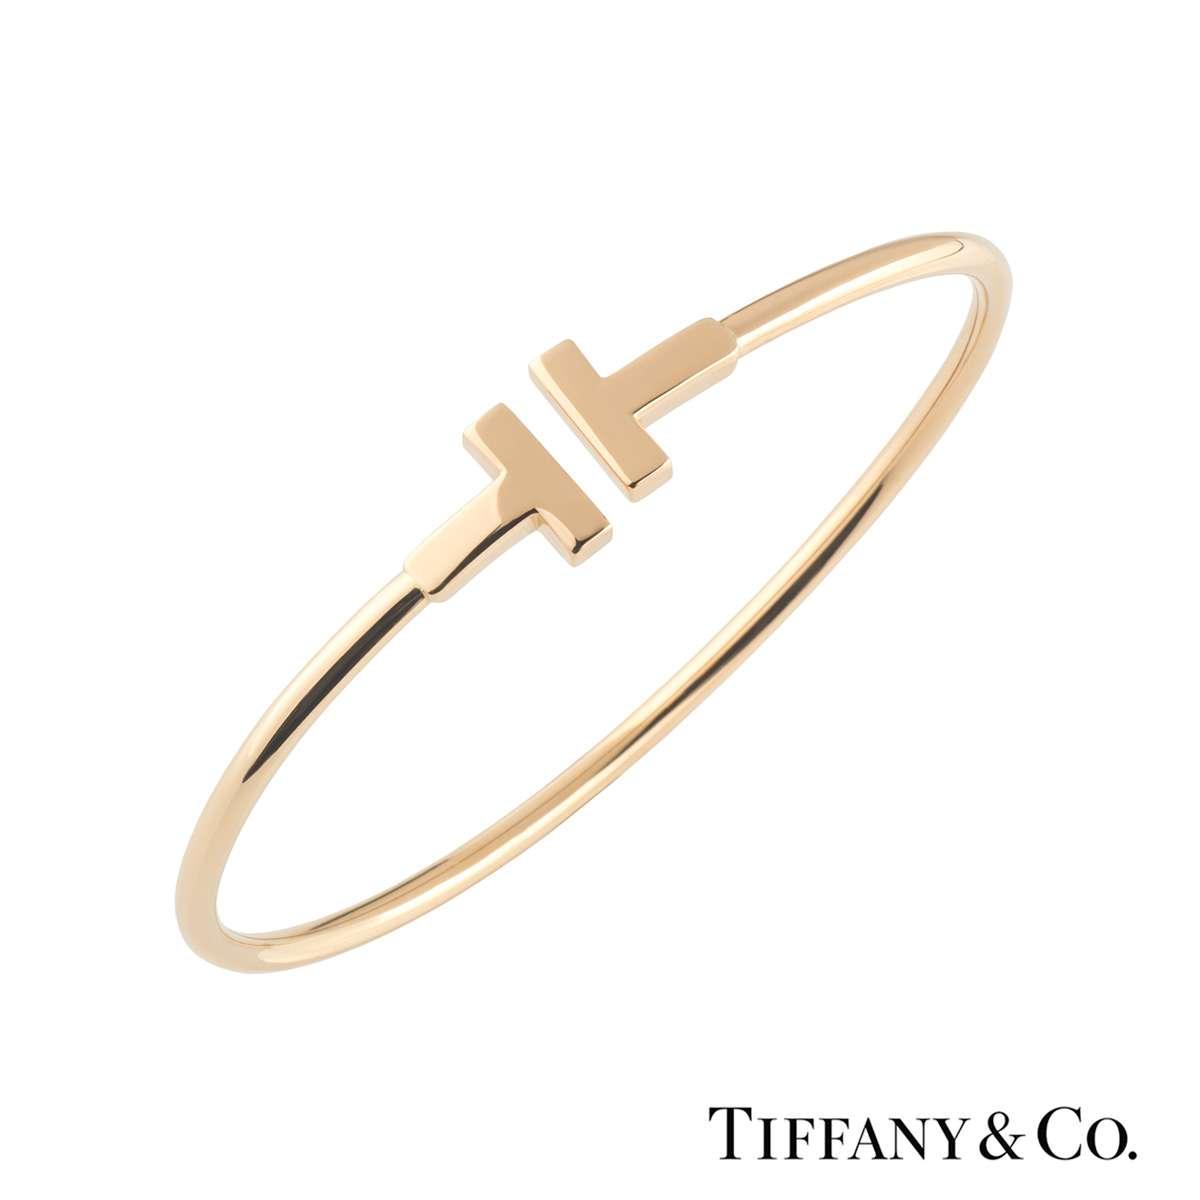 Tiffany Co Tiffany T Wire Bracelet